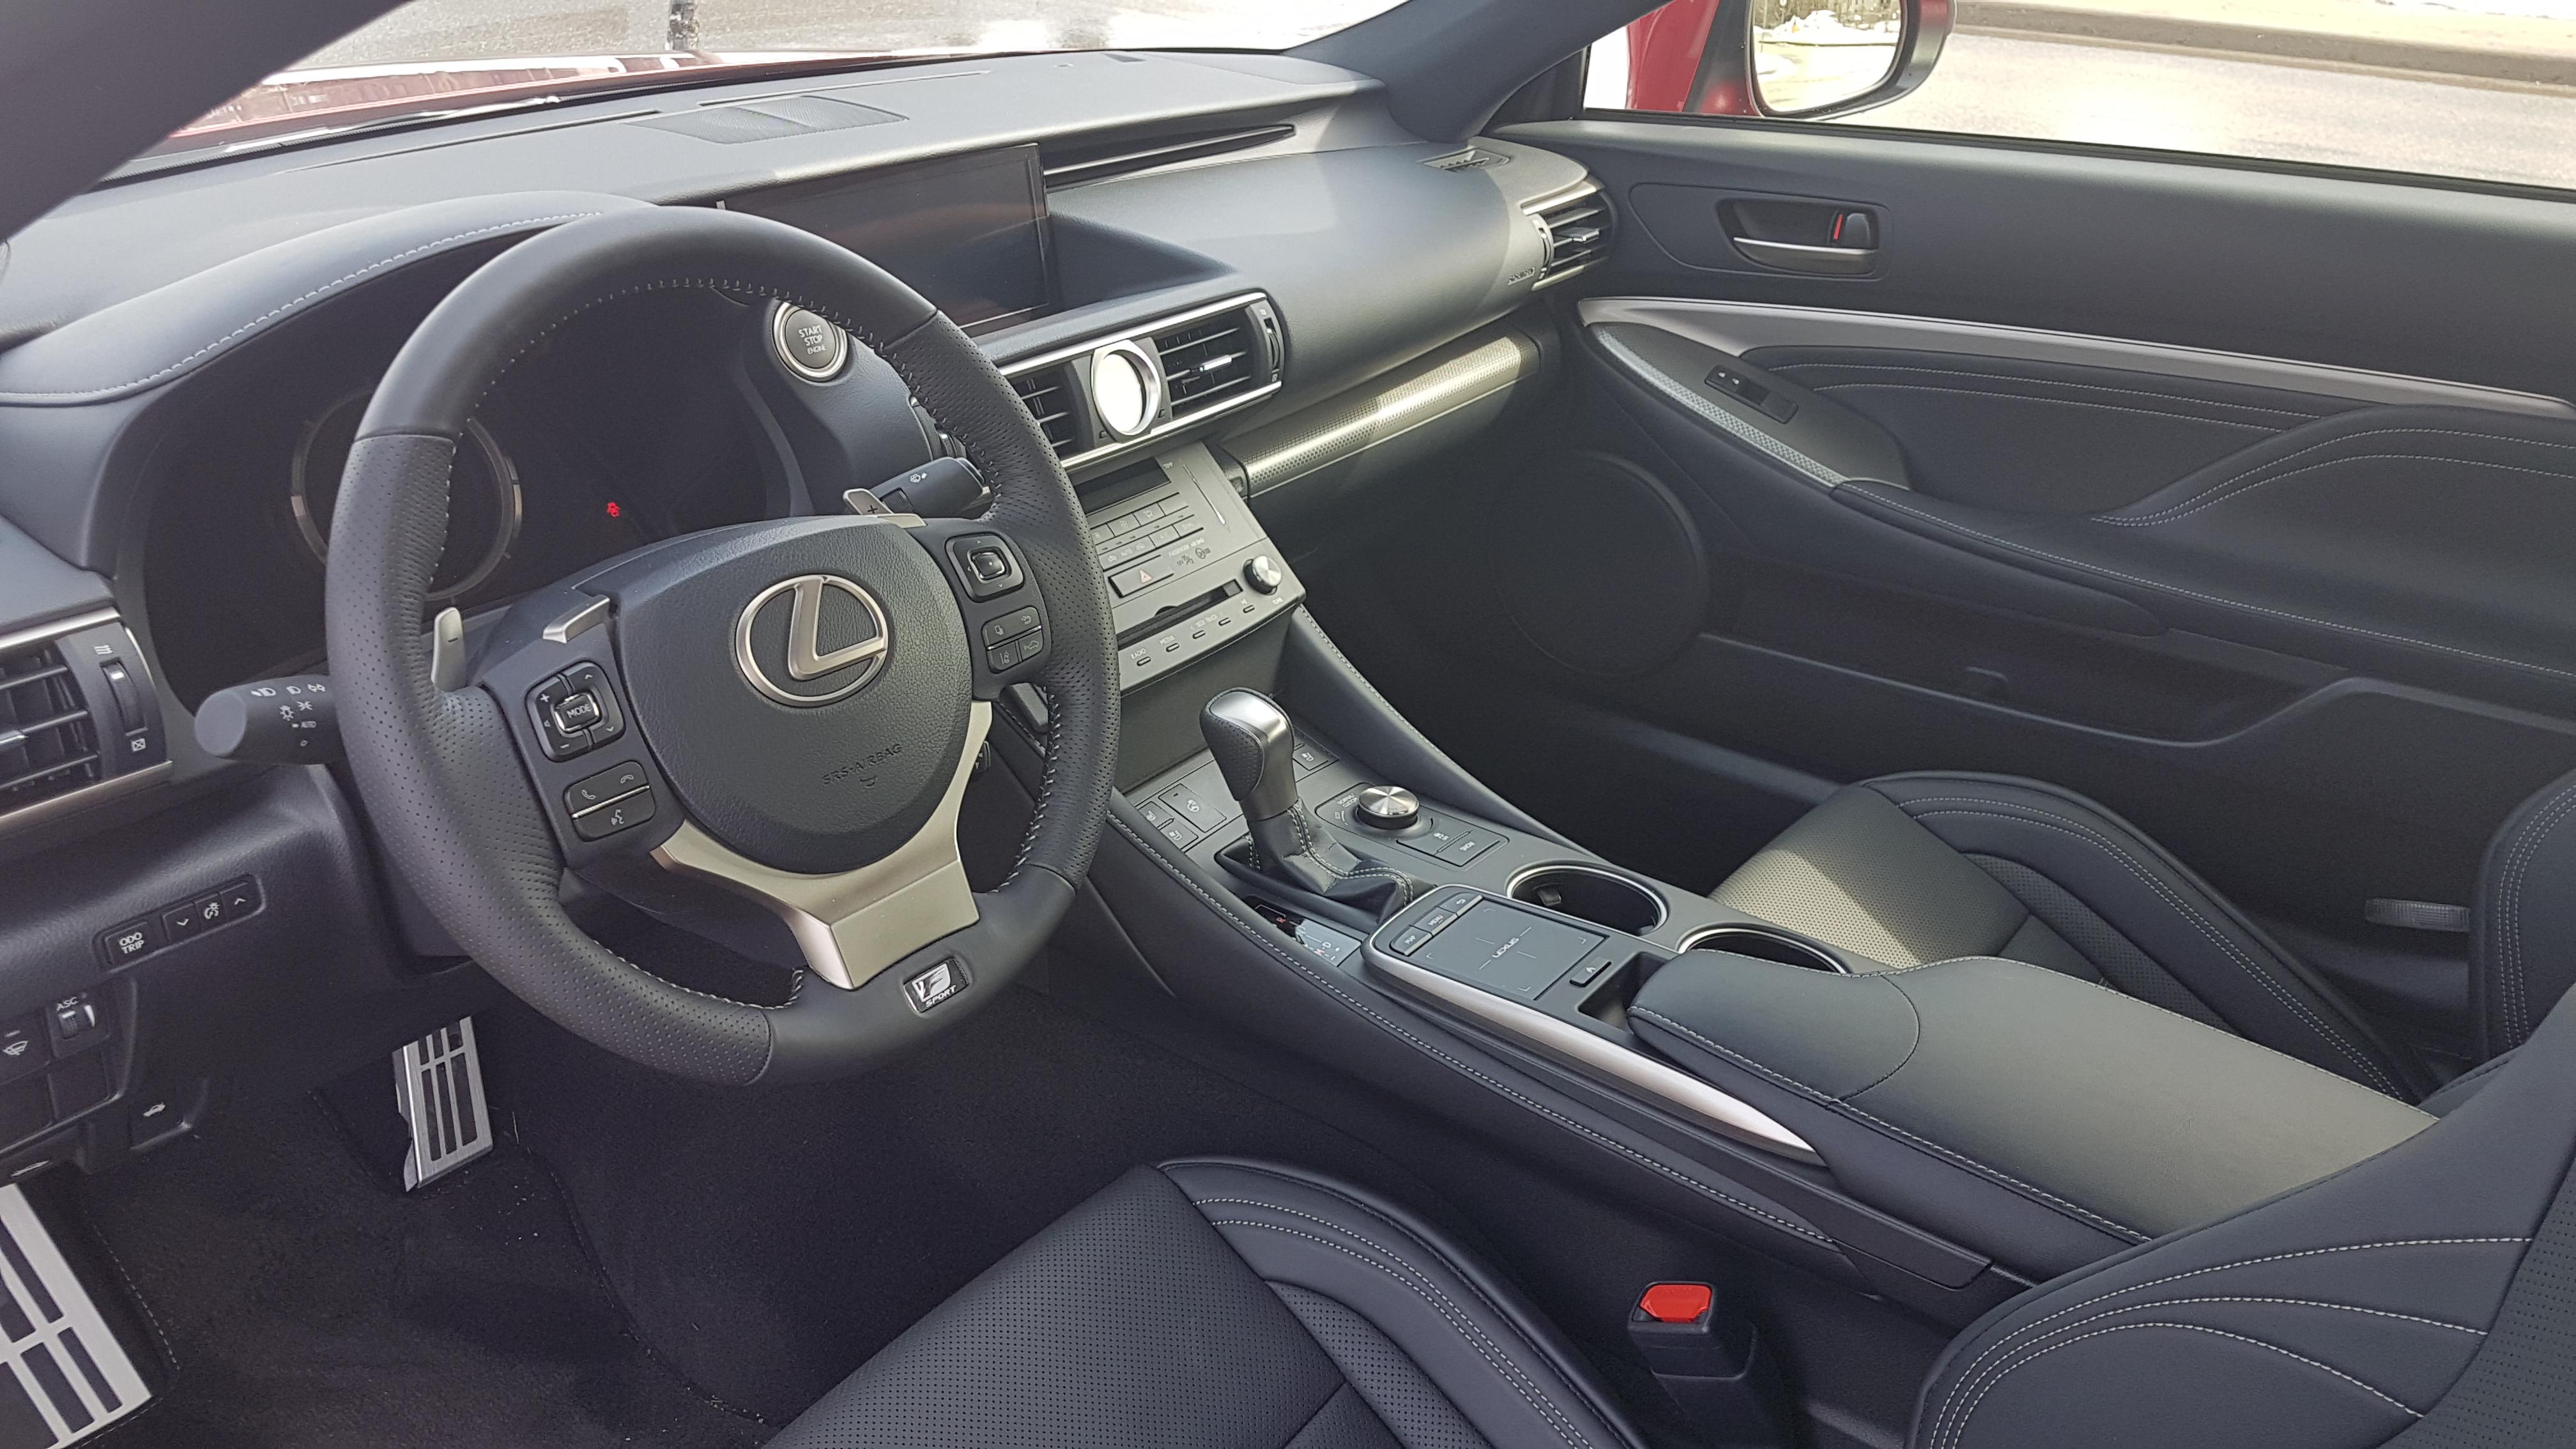 2018 Lexus RC 300 interior